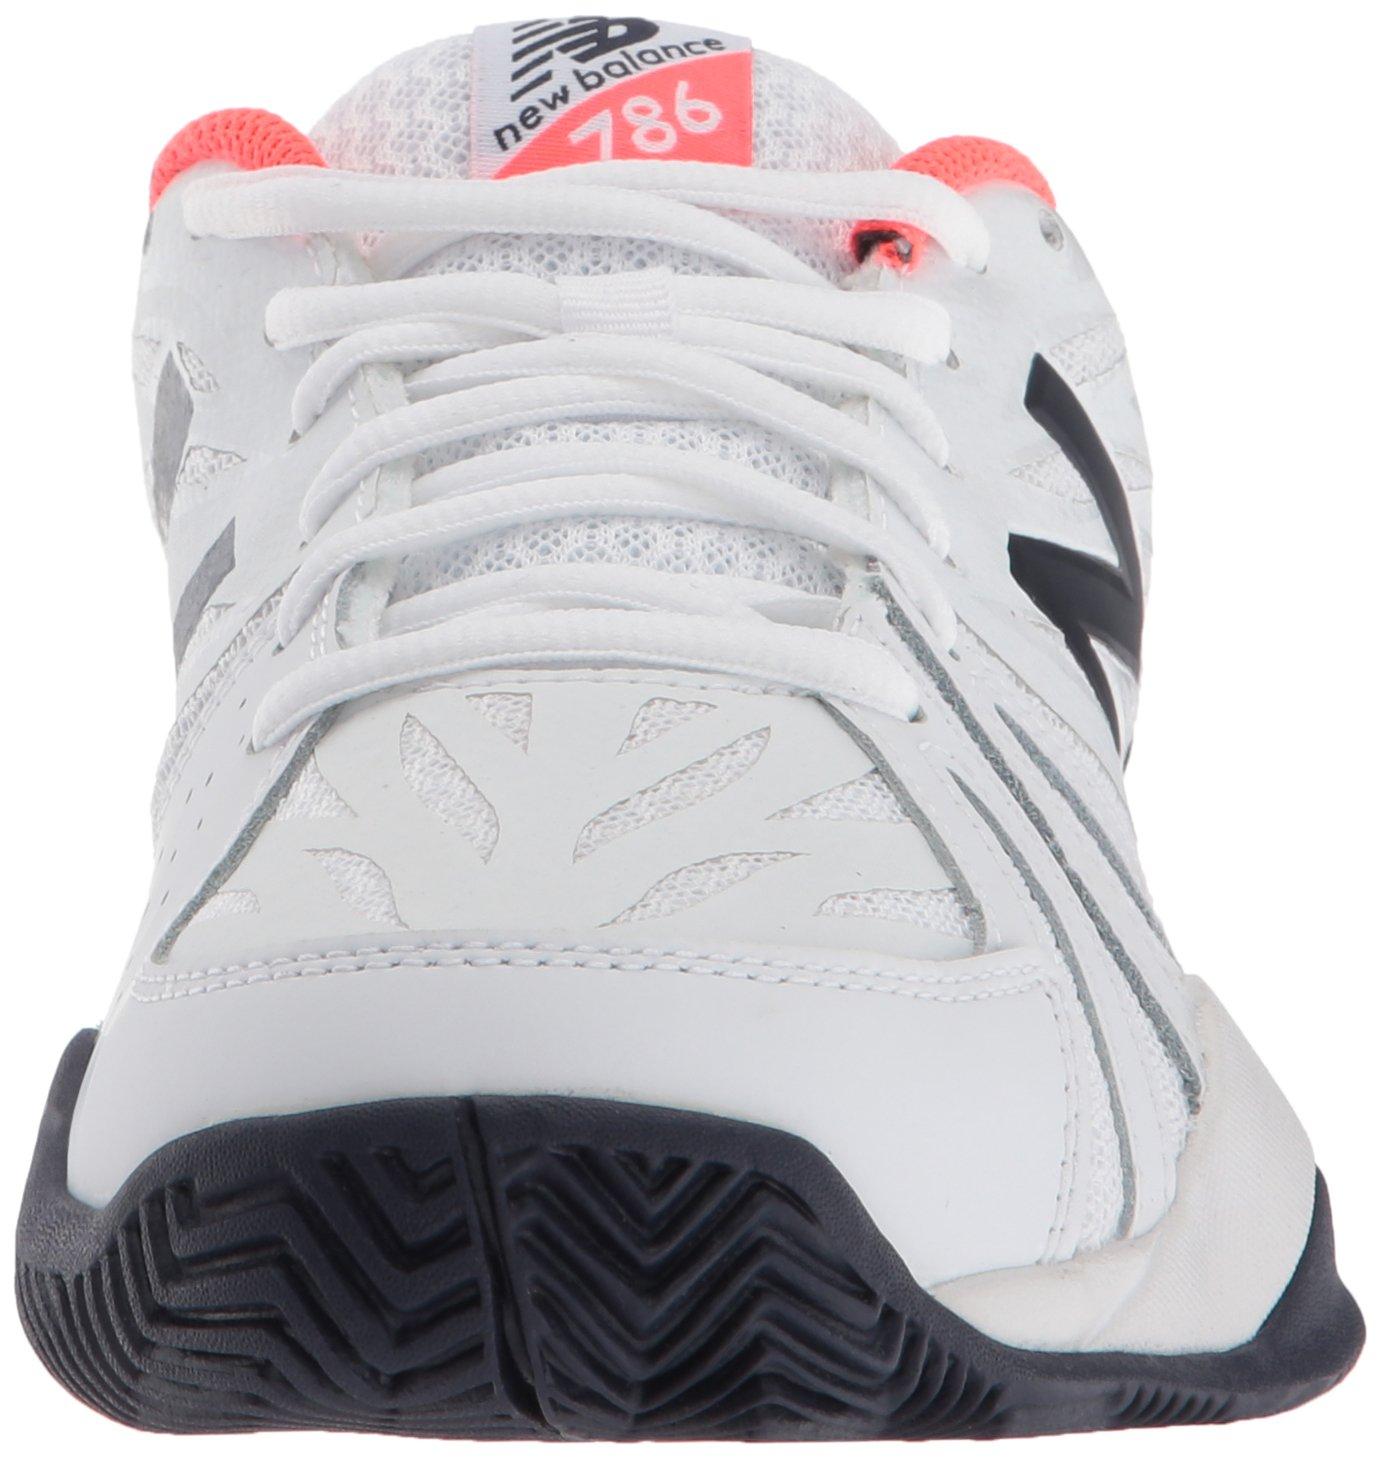 13be97121069 ... New Balance Women s 786v2 Tennis Shoe B06XSBKBL6 B06XSBKBL6 B06XSBKBL6  8 D US